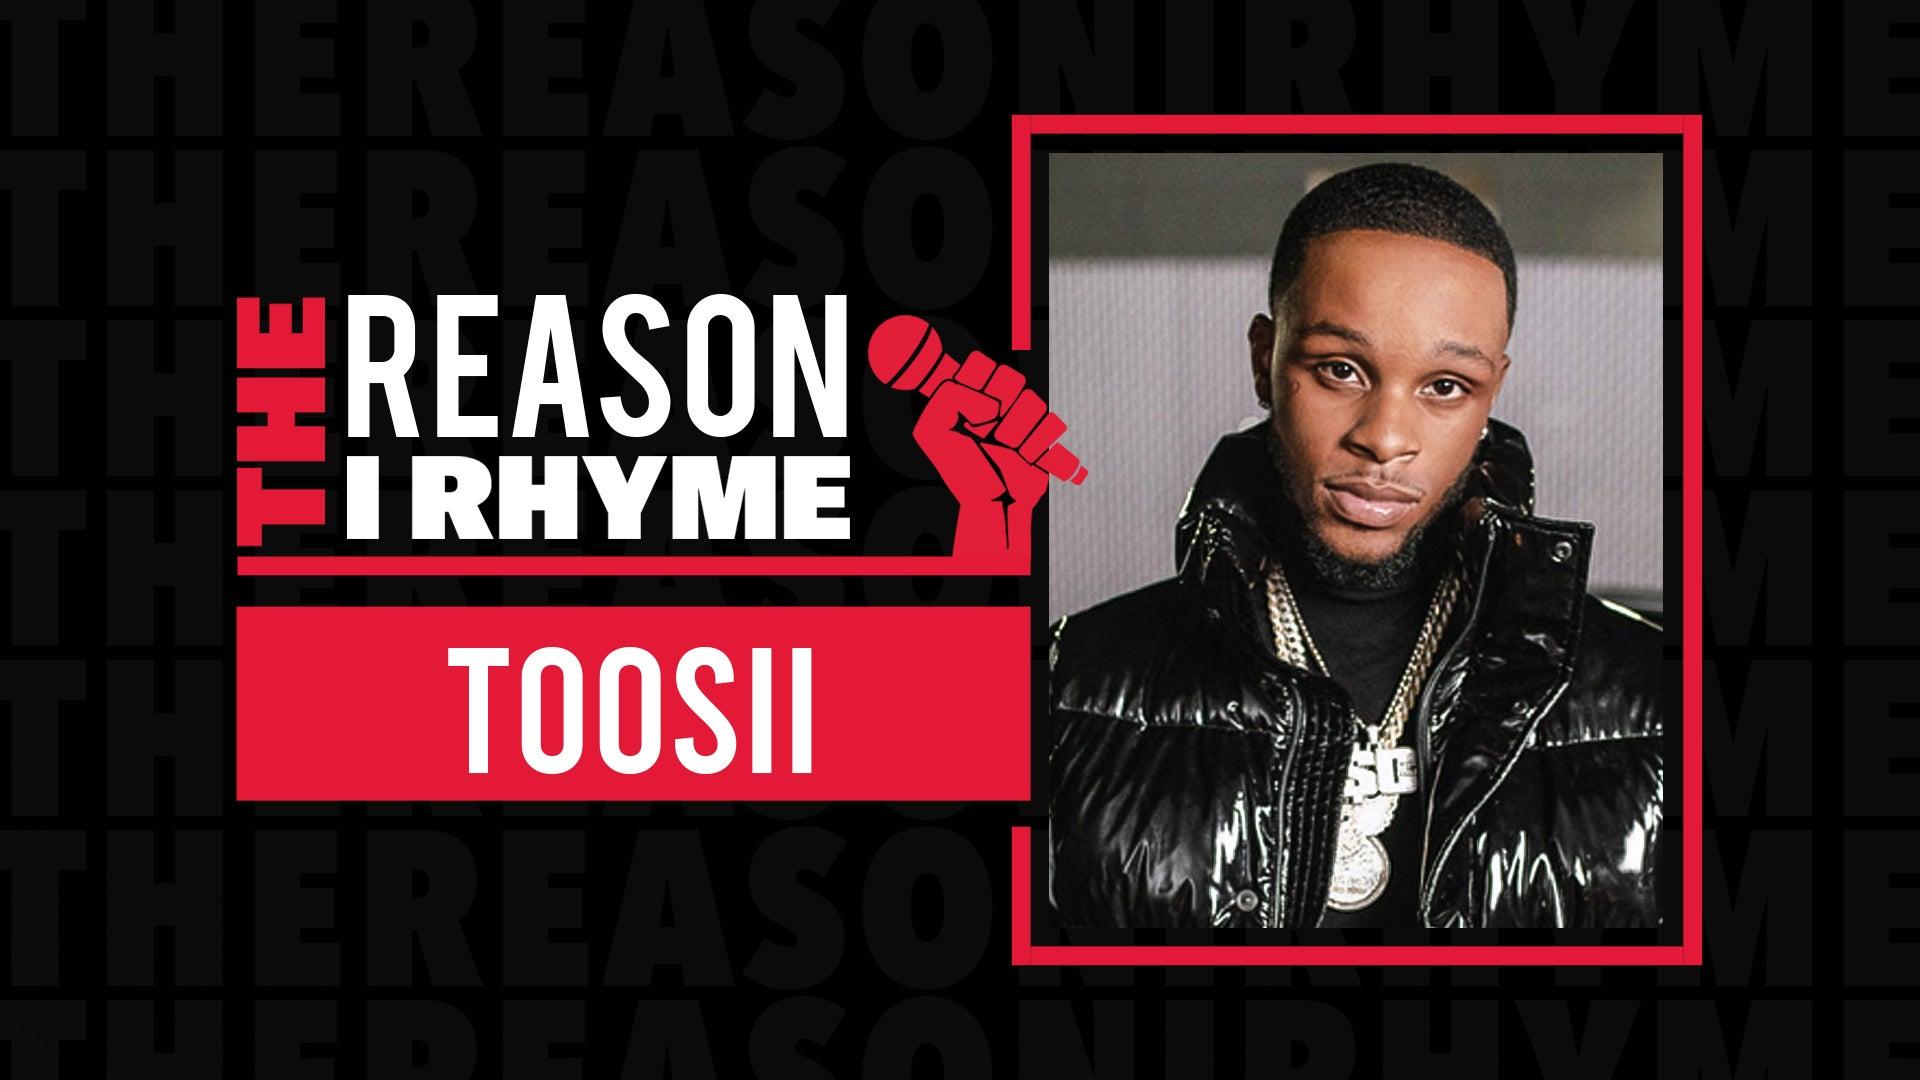 The Reason I Rhyme: Toosii